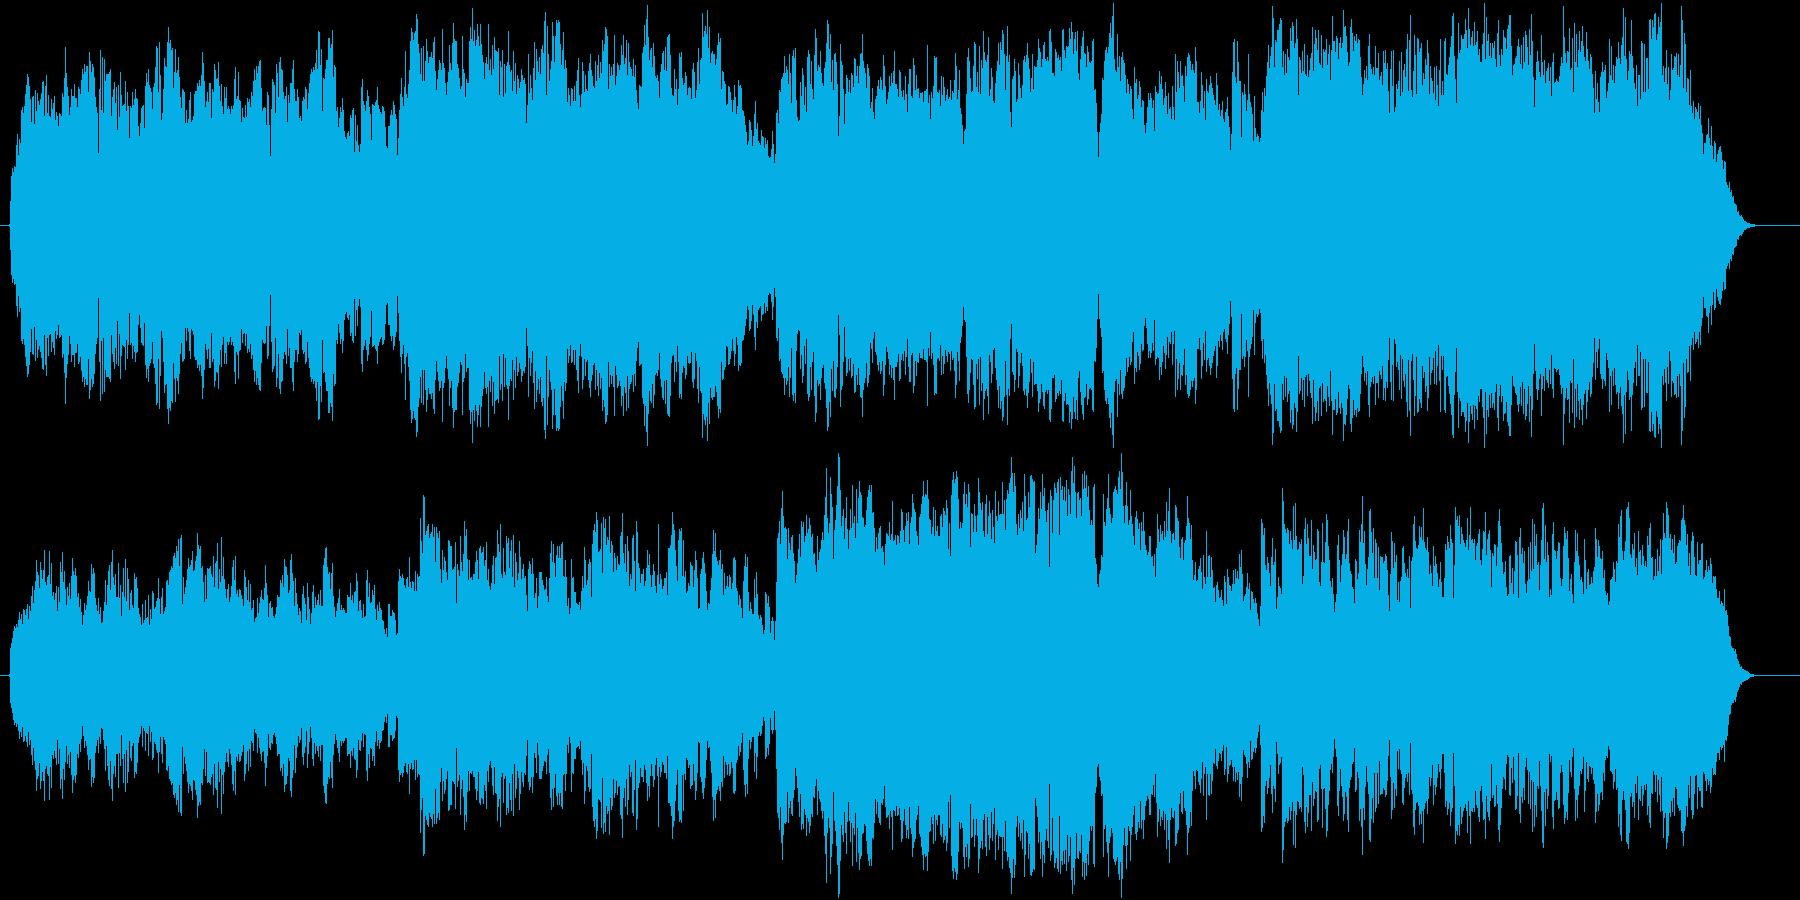 ゆったりとした木管の為の曲です。の再生済みの波形